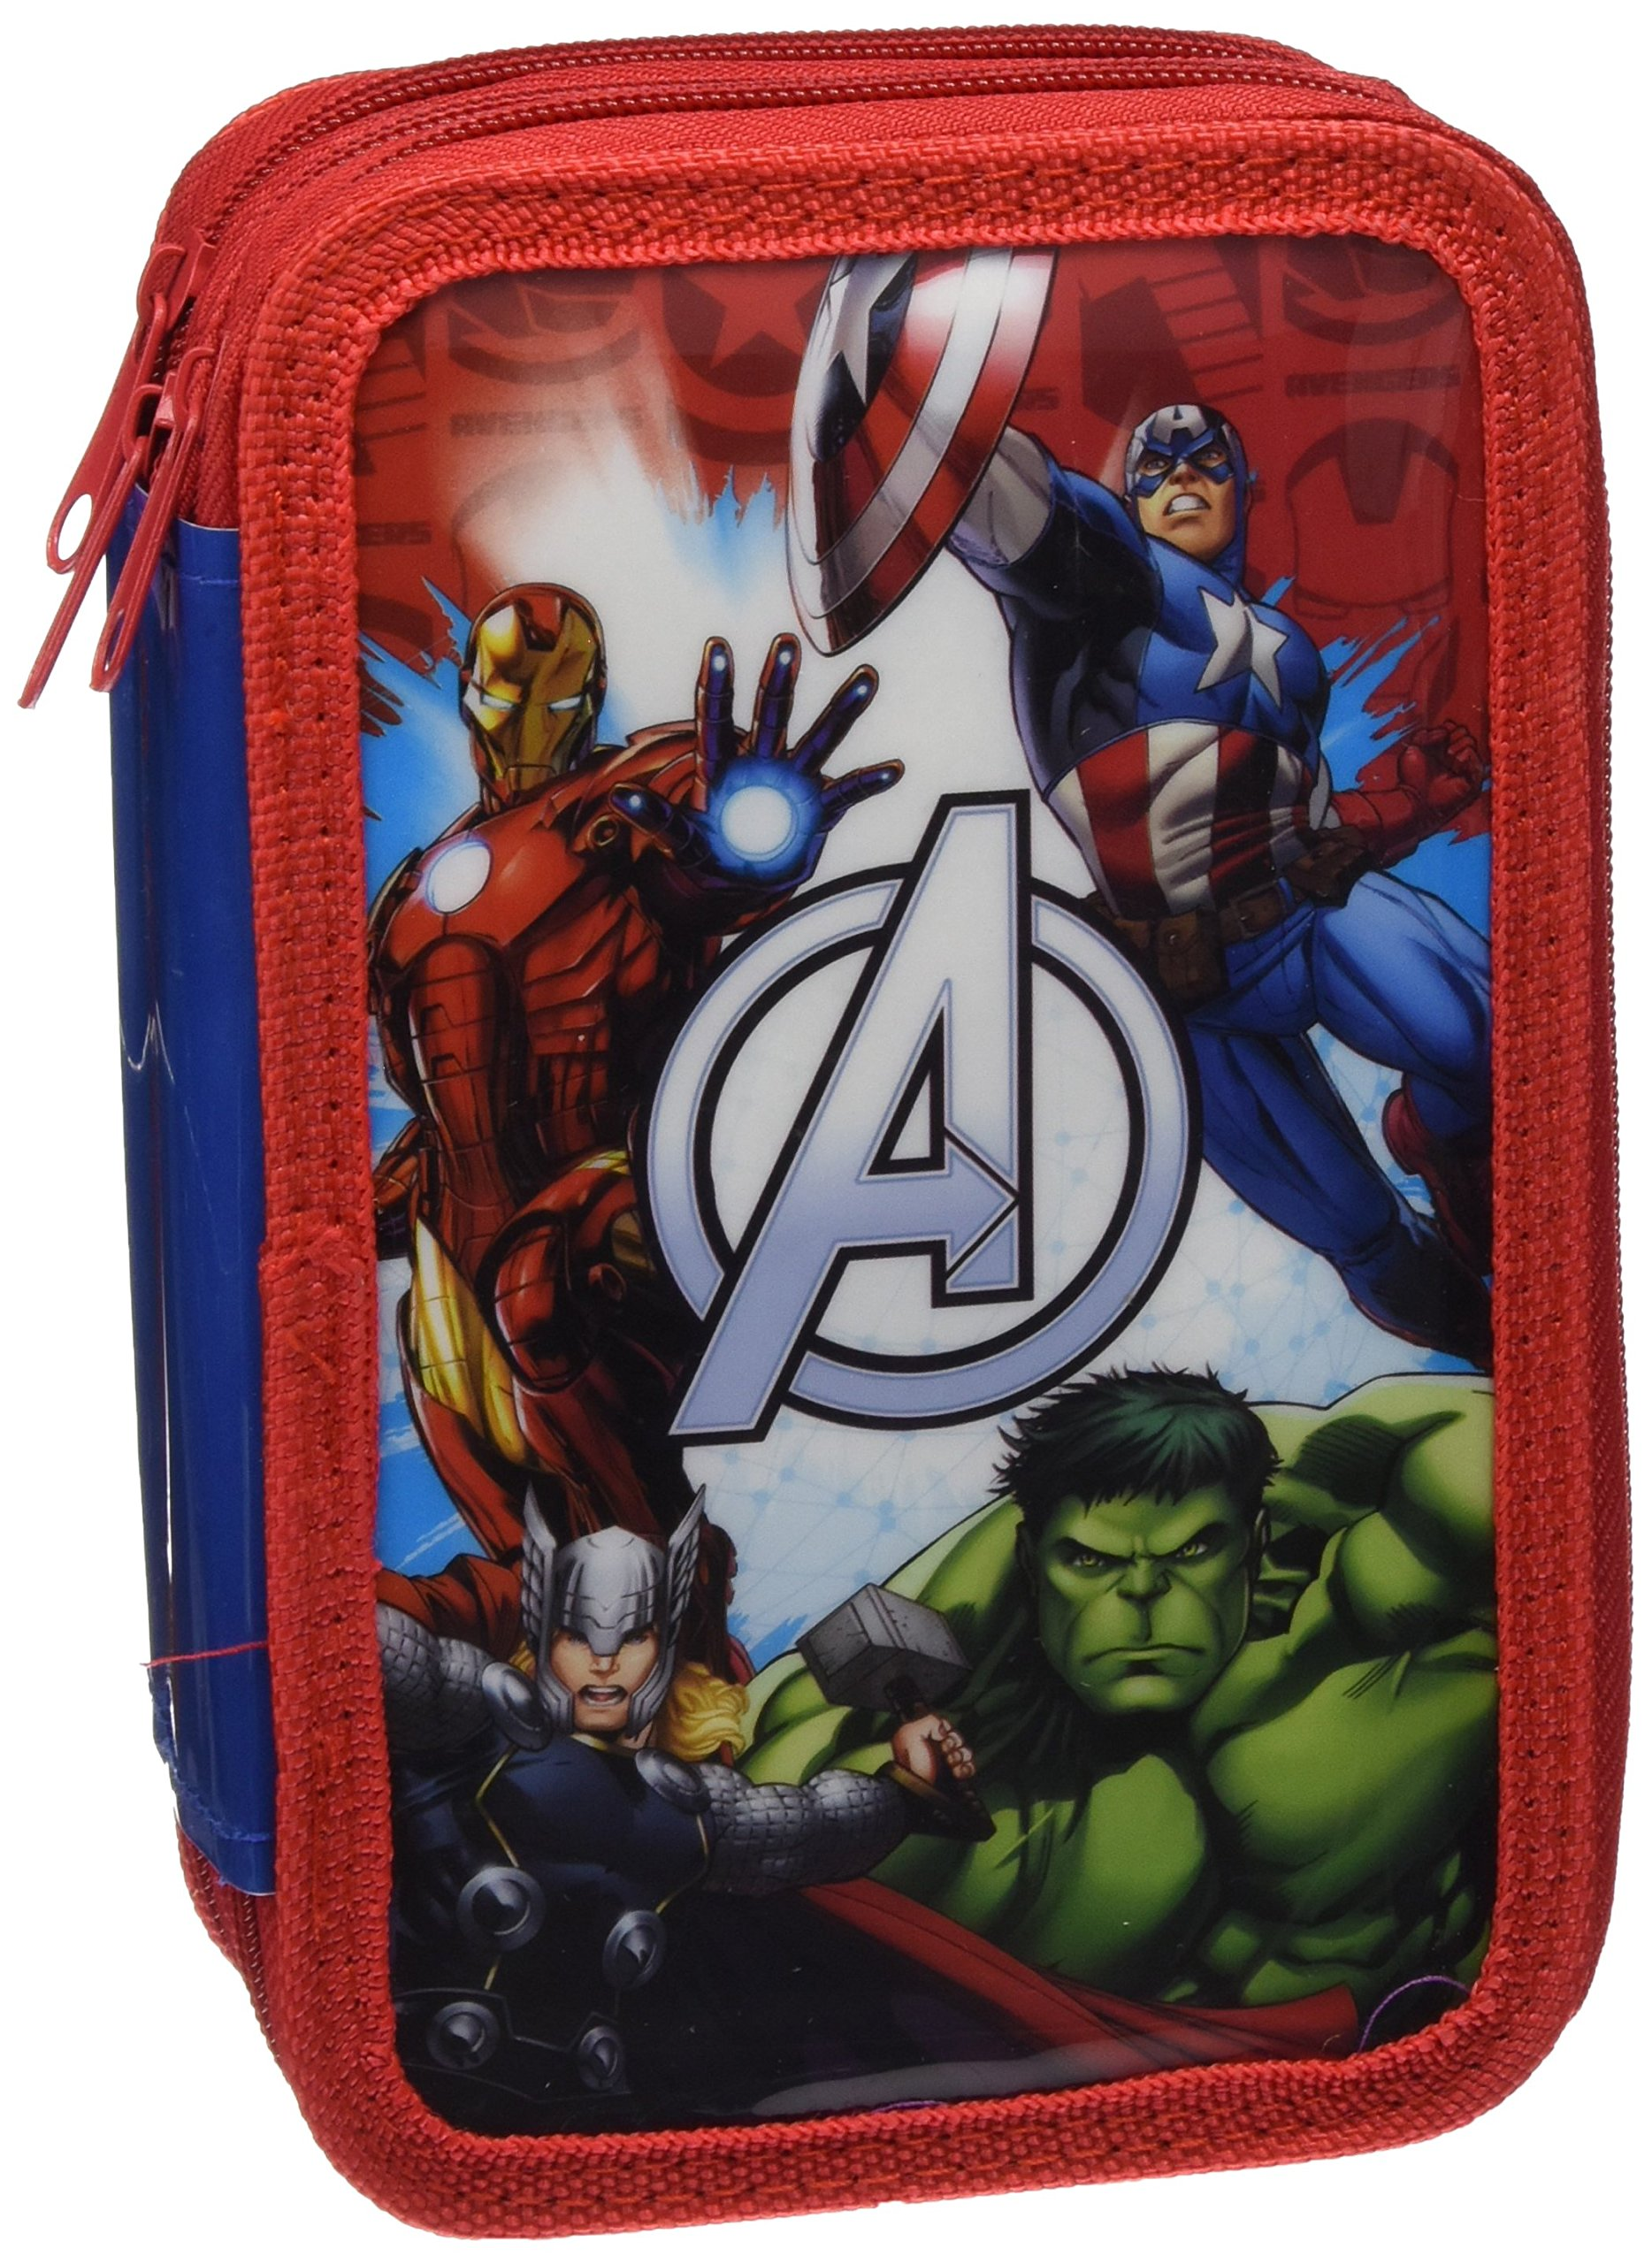 Astro Avengers AS9952 – Plumier con 3 cremalleras